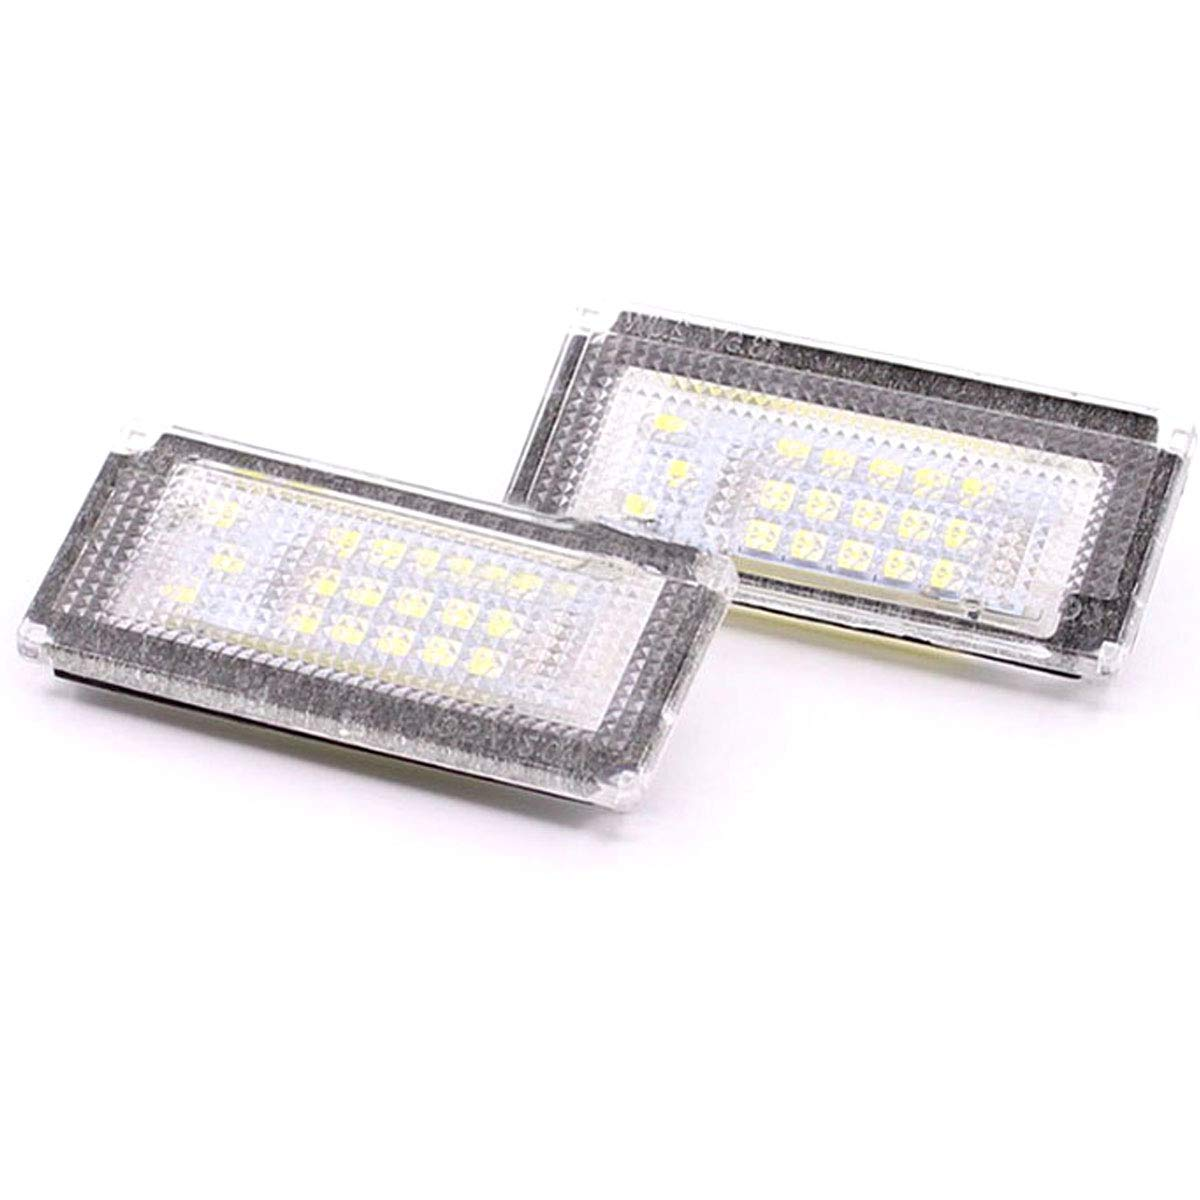 YUGUIYUN LED Kennzeichenbeleuchtung Nummernschildbeleuchtung Bright Wei/ß Lampen Leuchtmittel f/ür Mini Cooper S R50 R52 R53 2pcs